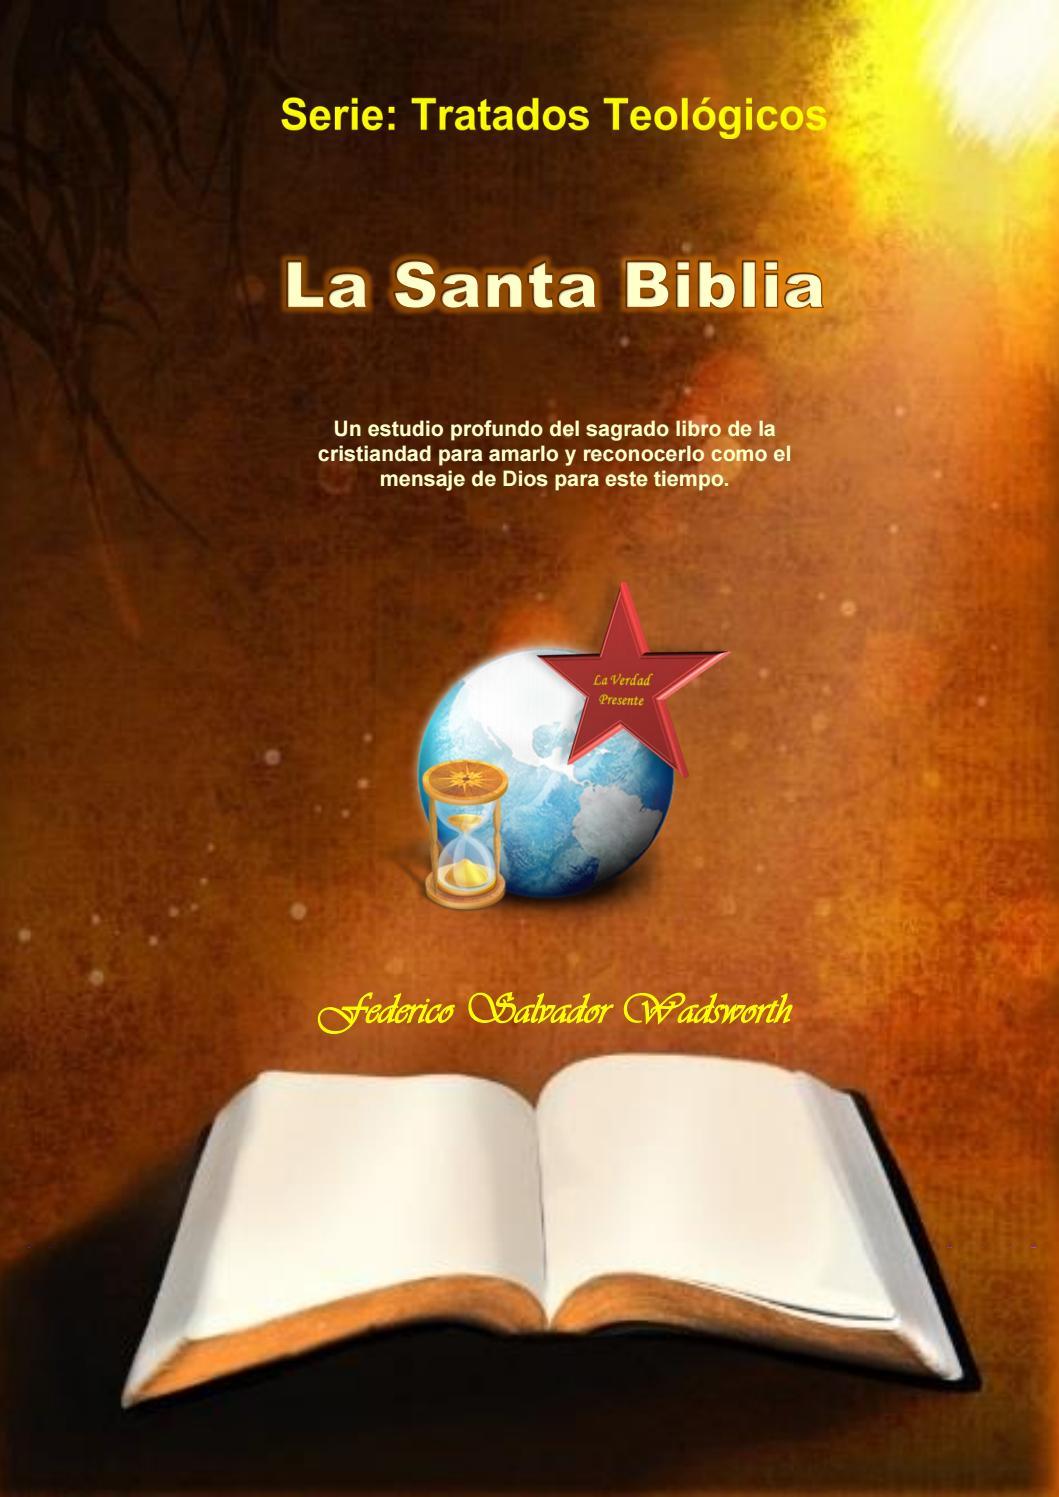 01 La Santa Biblia 15 03 08 by